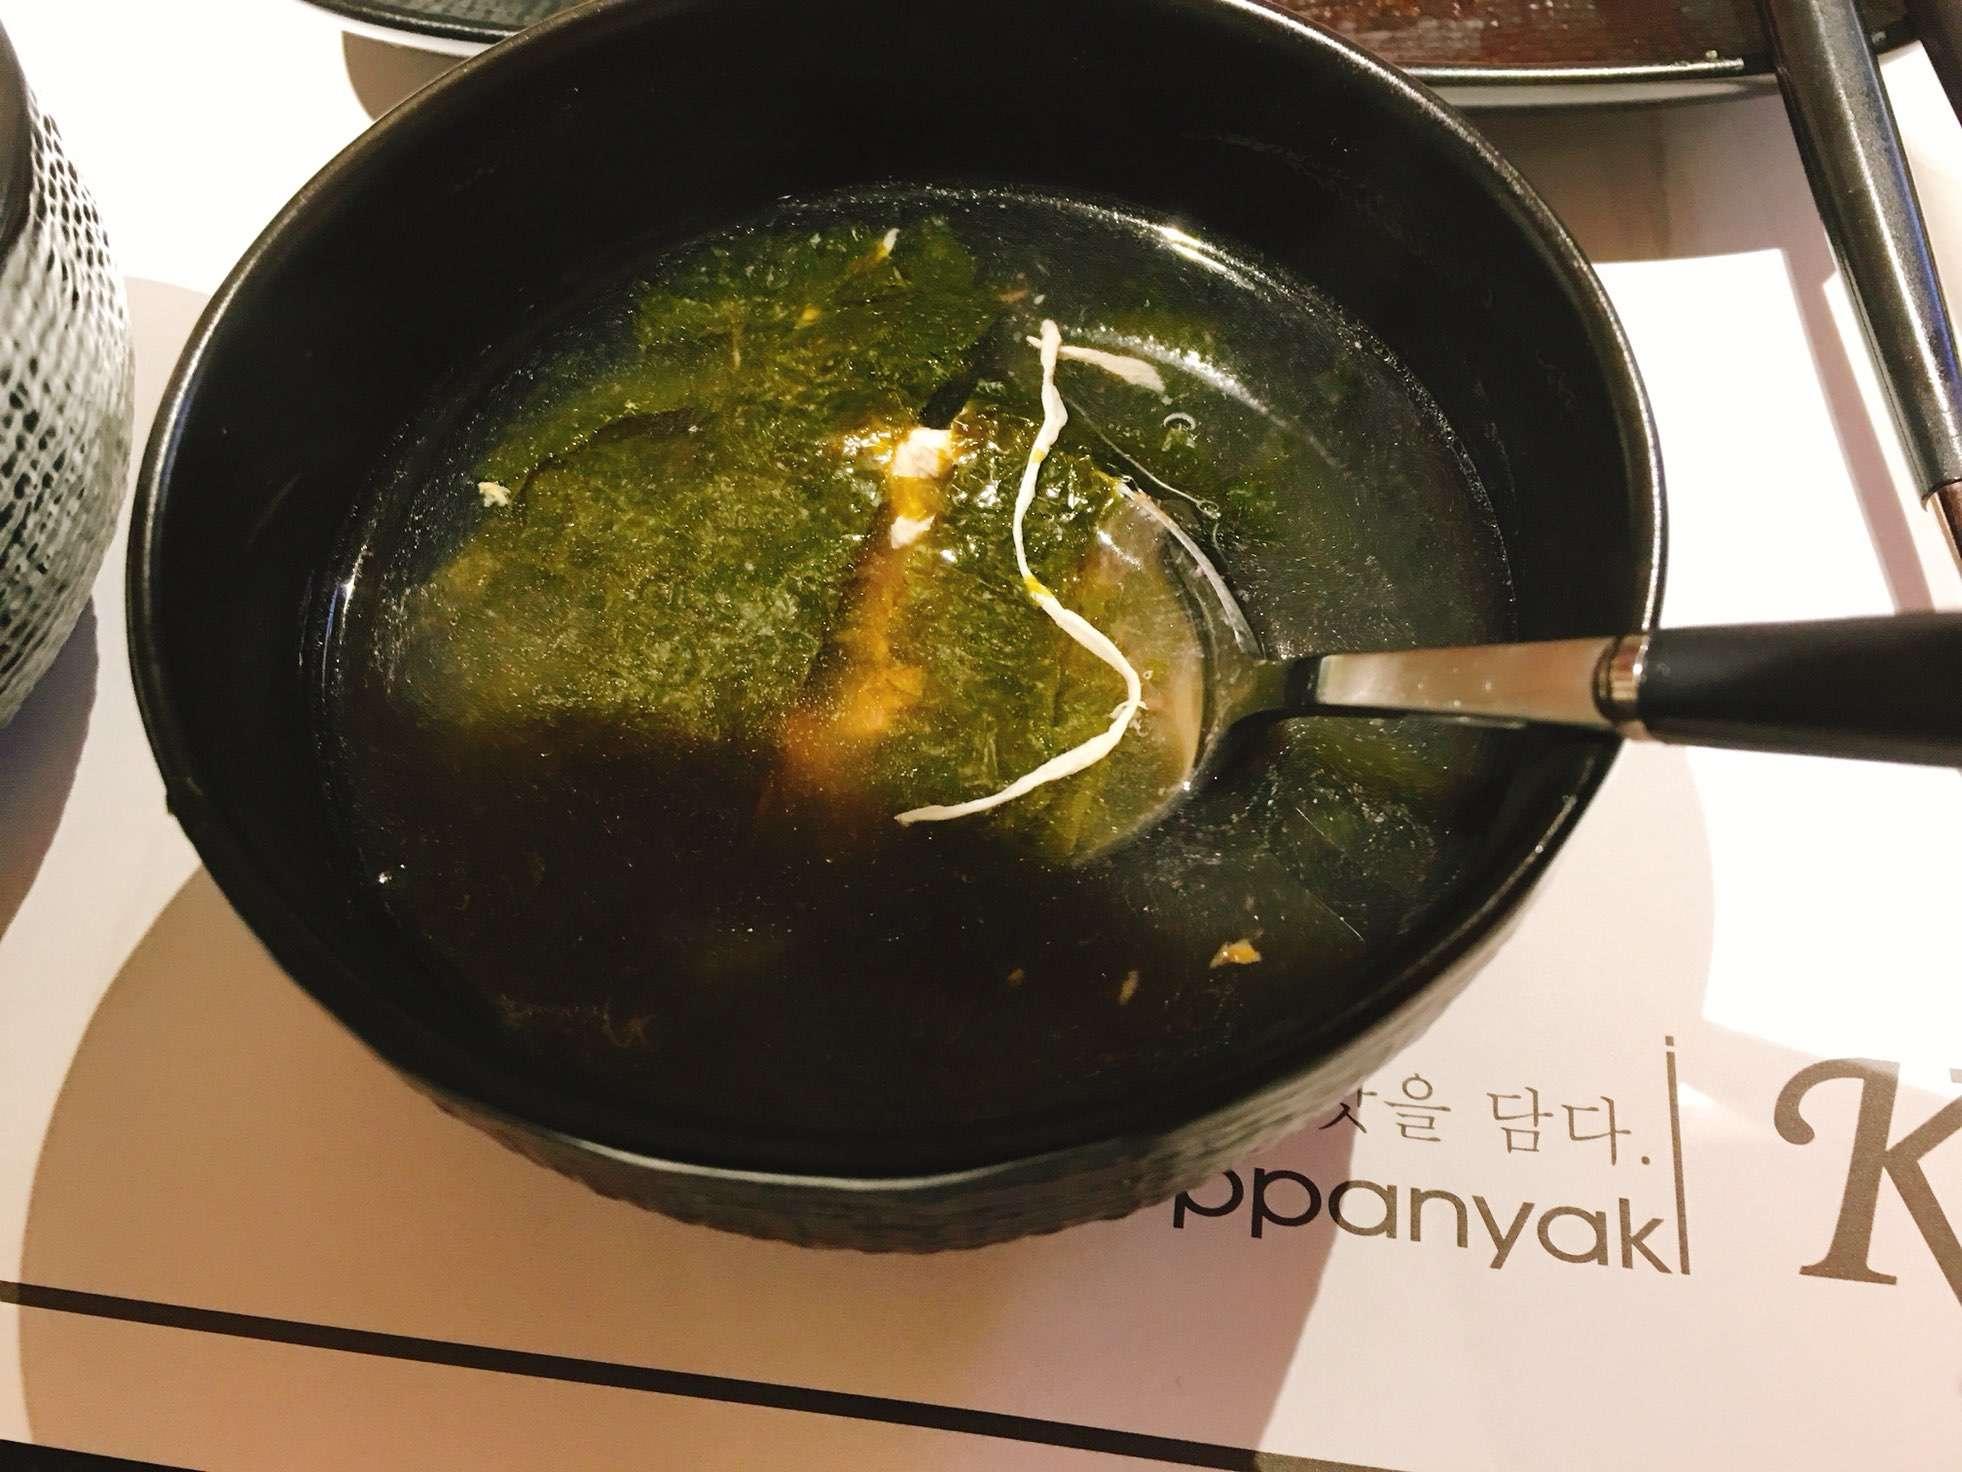 除了白飯之外還會附上炒青菜、炒豆芽菜和紫菜蛋花湯,真的很台式吧!